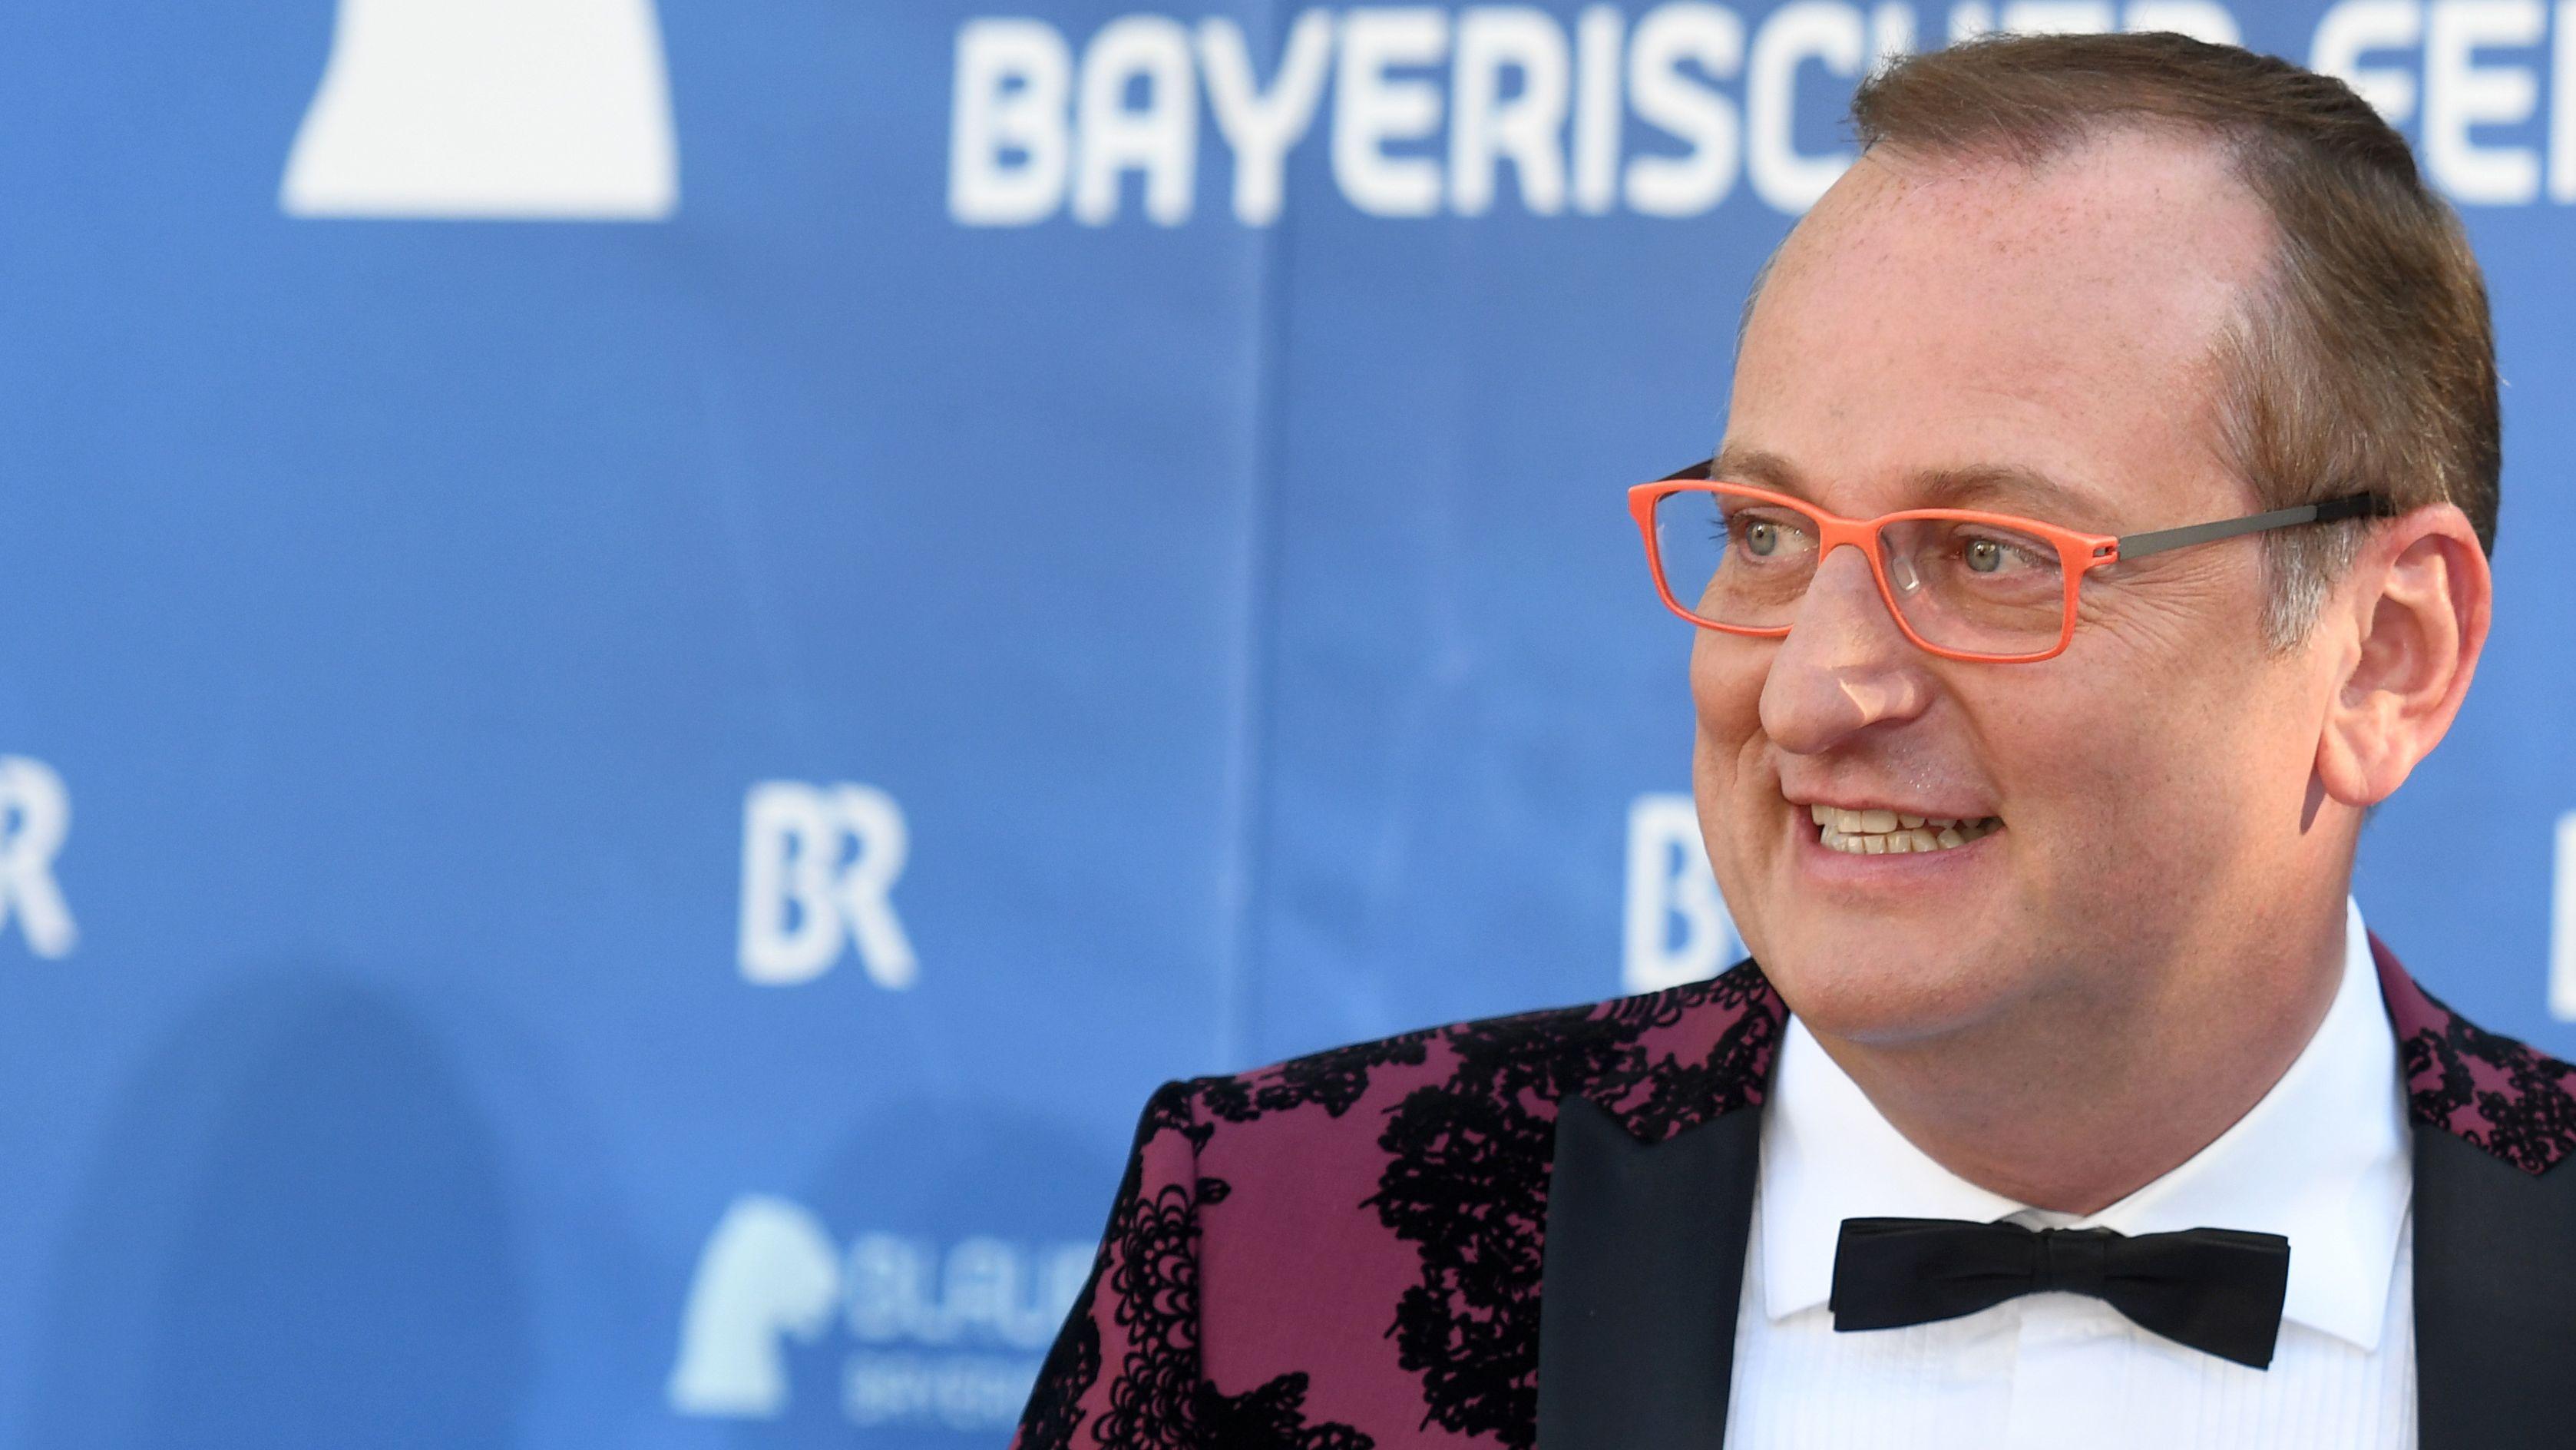 Volker Heißmann im Mai 2019 bei der Verleihung des Bayerischen Fernsehpreises im Münchner Prinzregententheater.